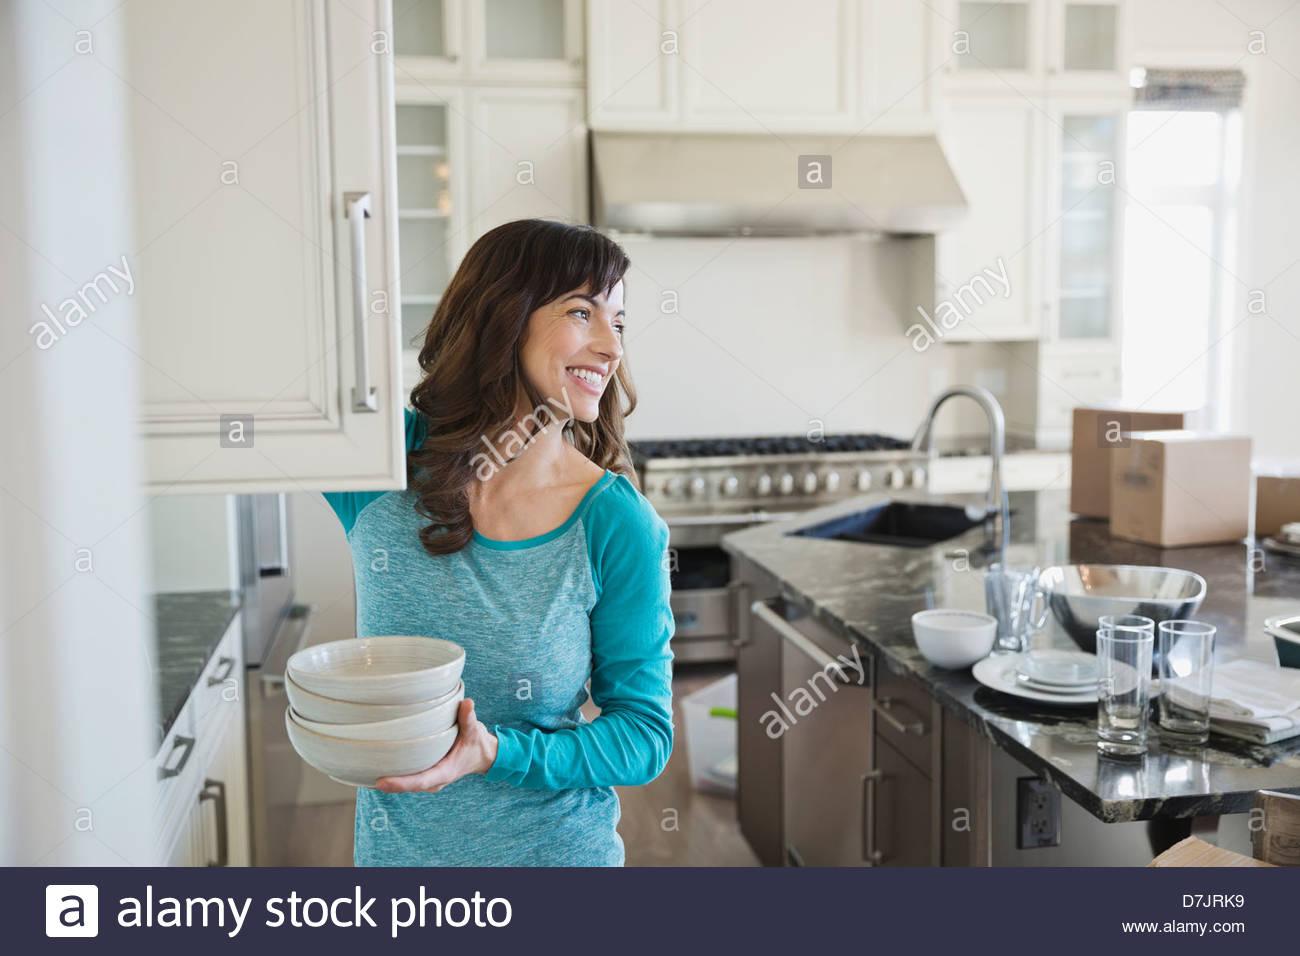 Mujer poniendo lejos los platos en el nuevo hogar Imagen De Stock